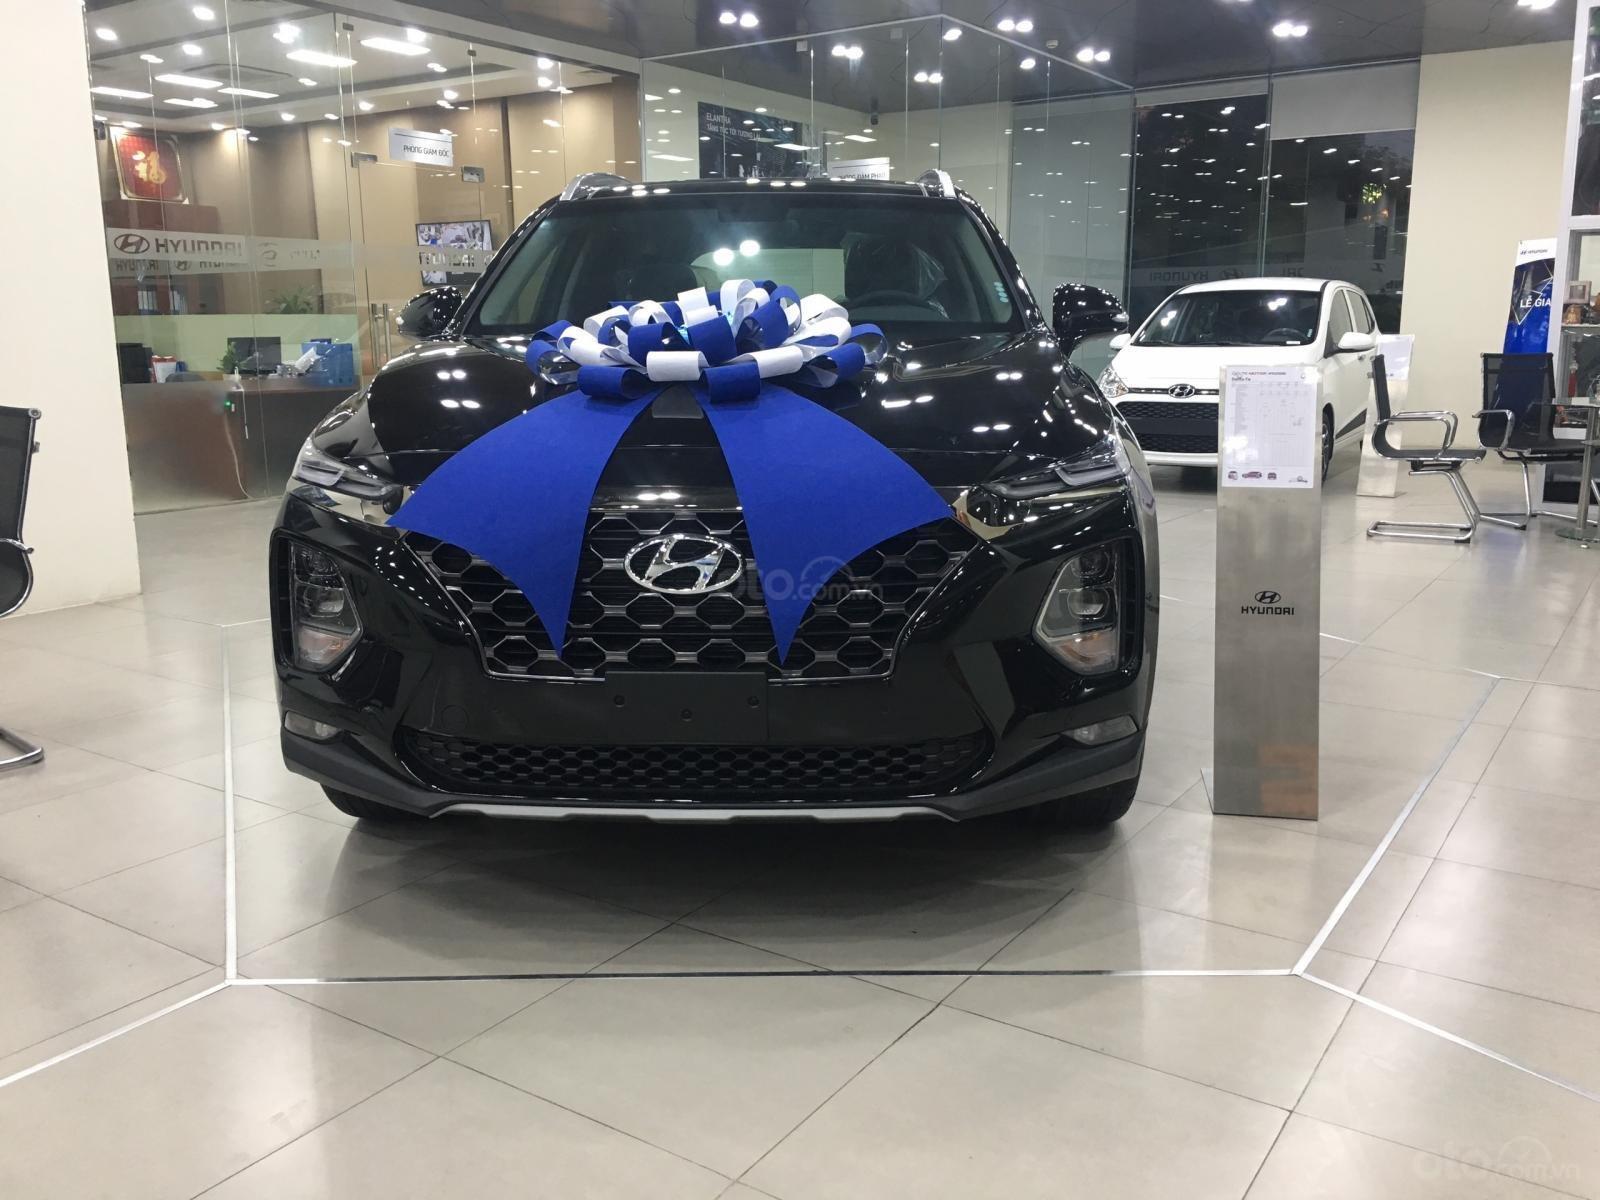 Hyundai Santa Fe bản đặc biệt, sẵn xe giao ngay, giá cực tốt, KM khủng trả góp chỉ 250tr nhận xe (1)